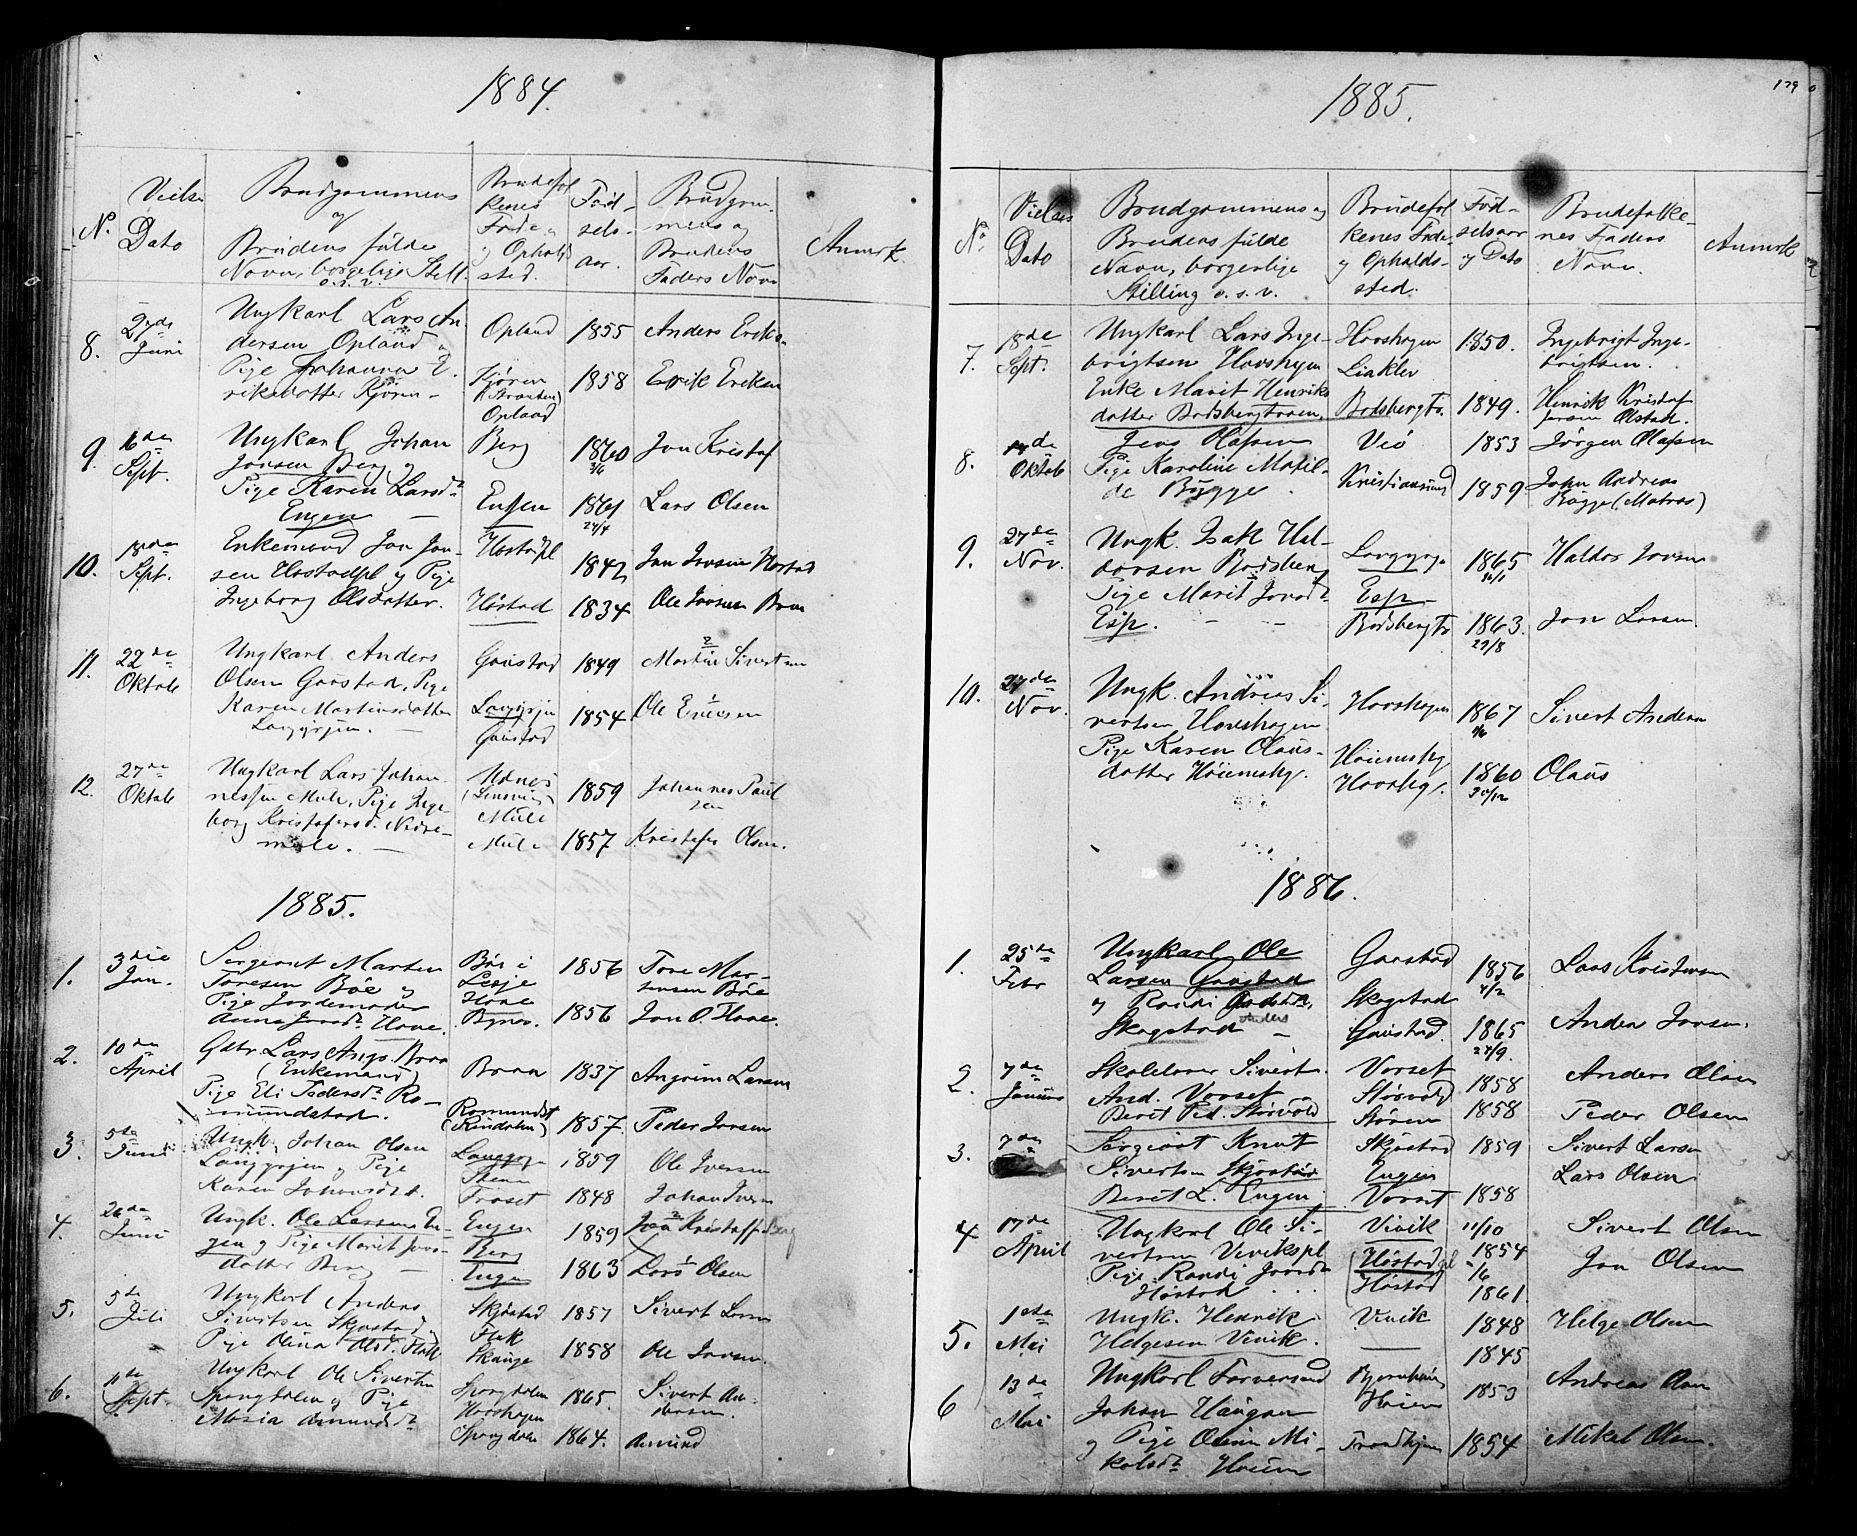 SAT, Ministerialprotokoller, klokkerbøker og fødselsregistre - Sør-Trøndelag, 612/L0387: Klokkerbok nr. 612C03, 1874-1908, s. 179